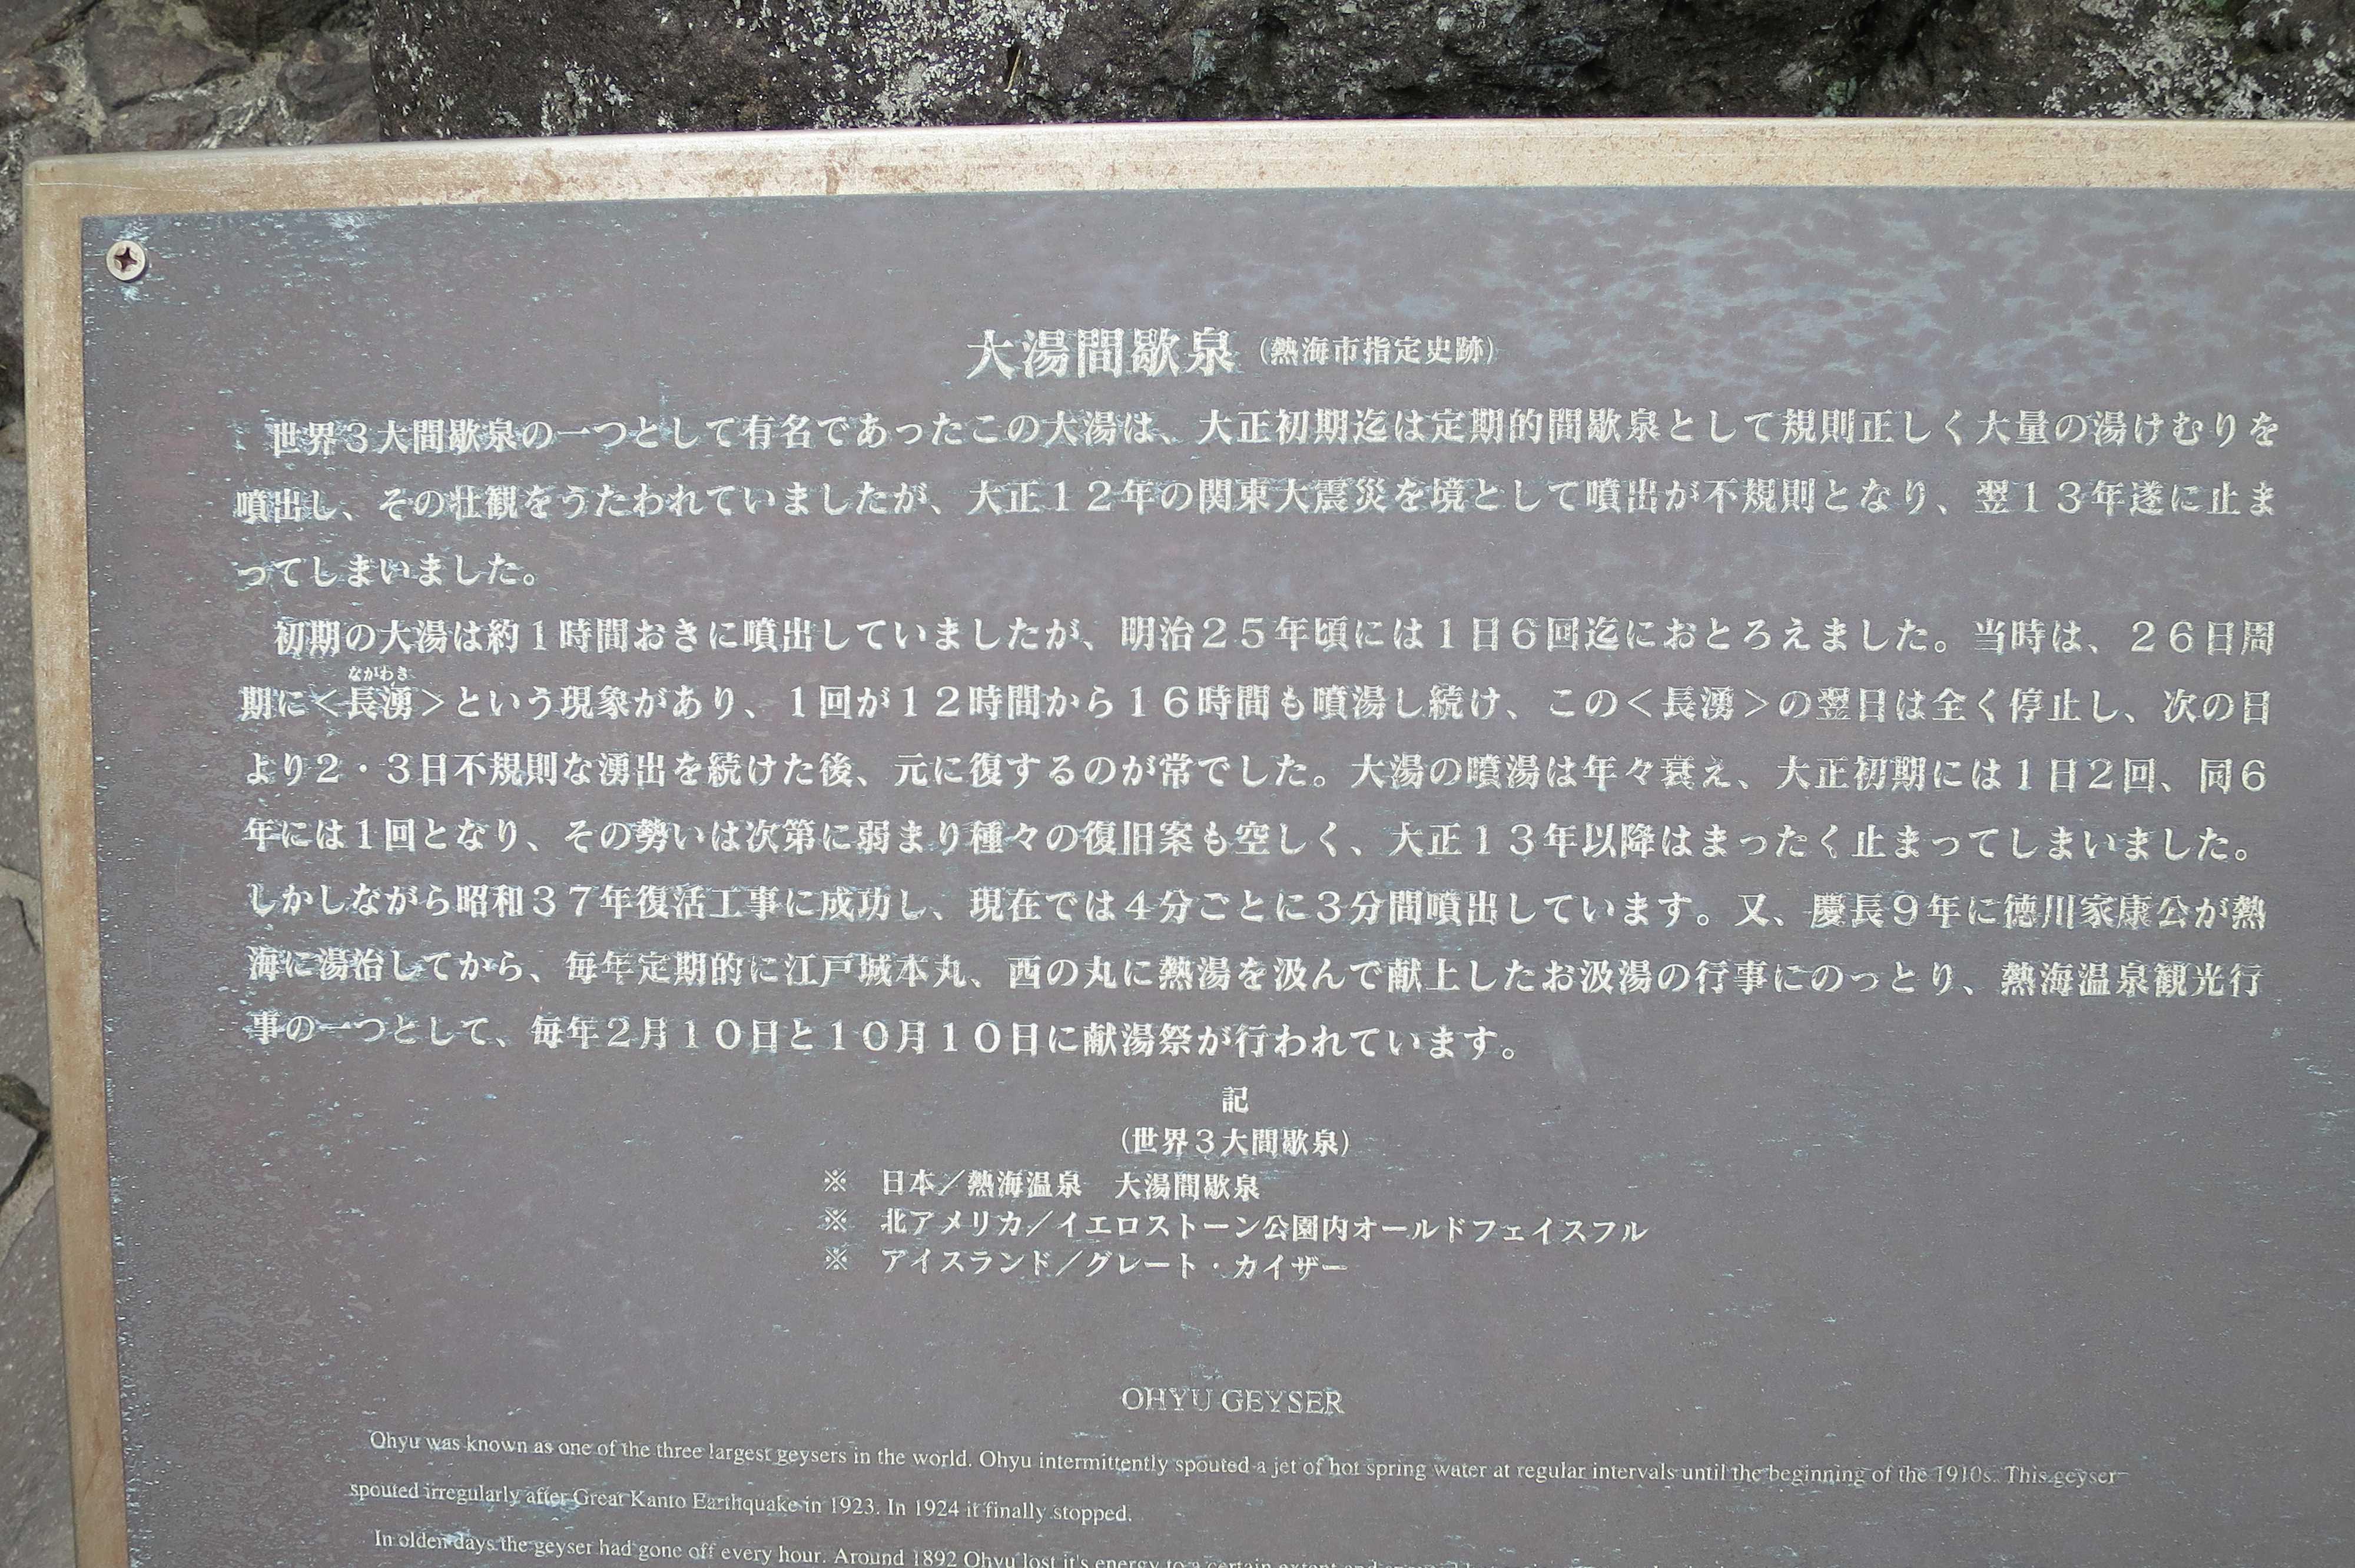 大湯間歇泉(熱海市指定史跡)